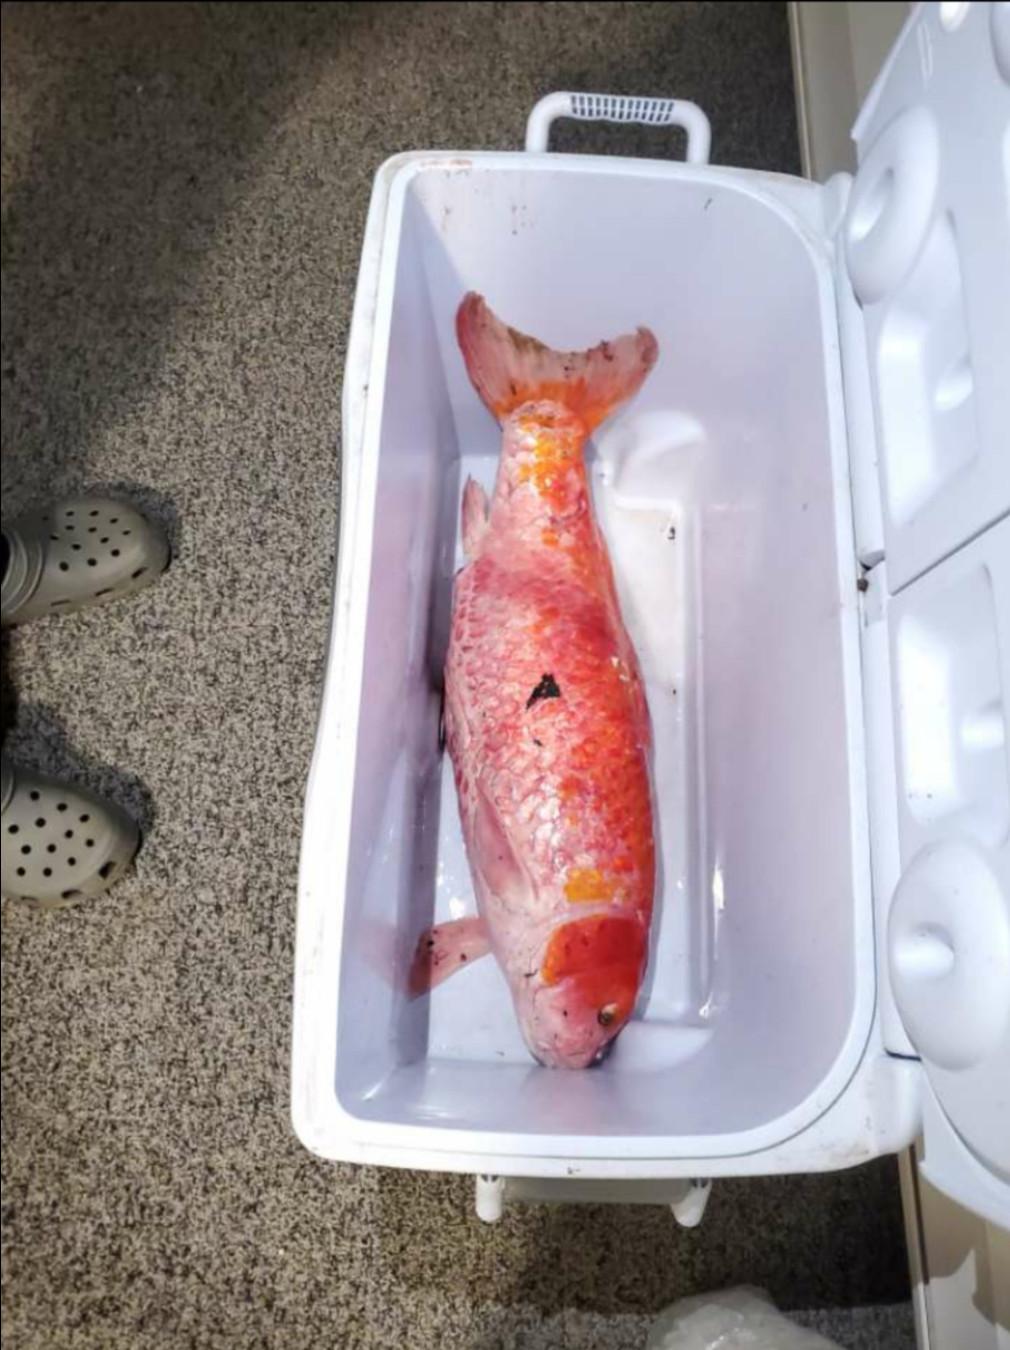 園遊會「撈小金魚」帶回家以為很快掛 牠「默默活40年」尺寸嚇傻全家